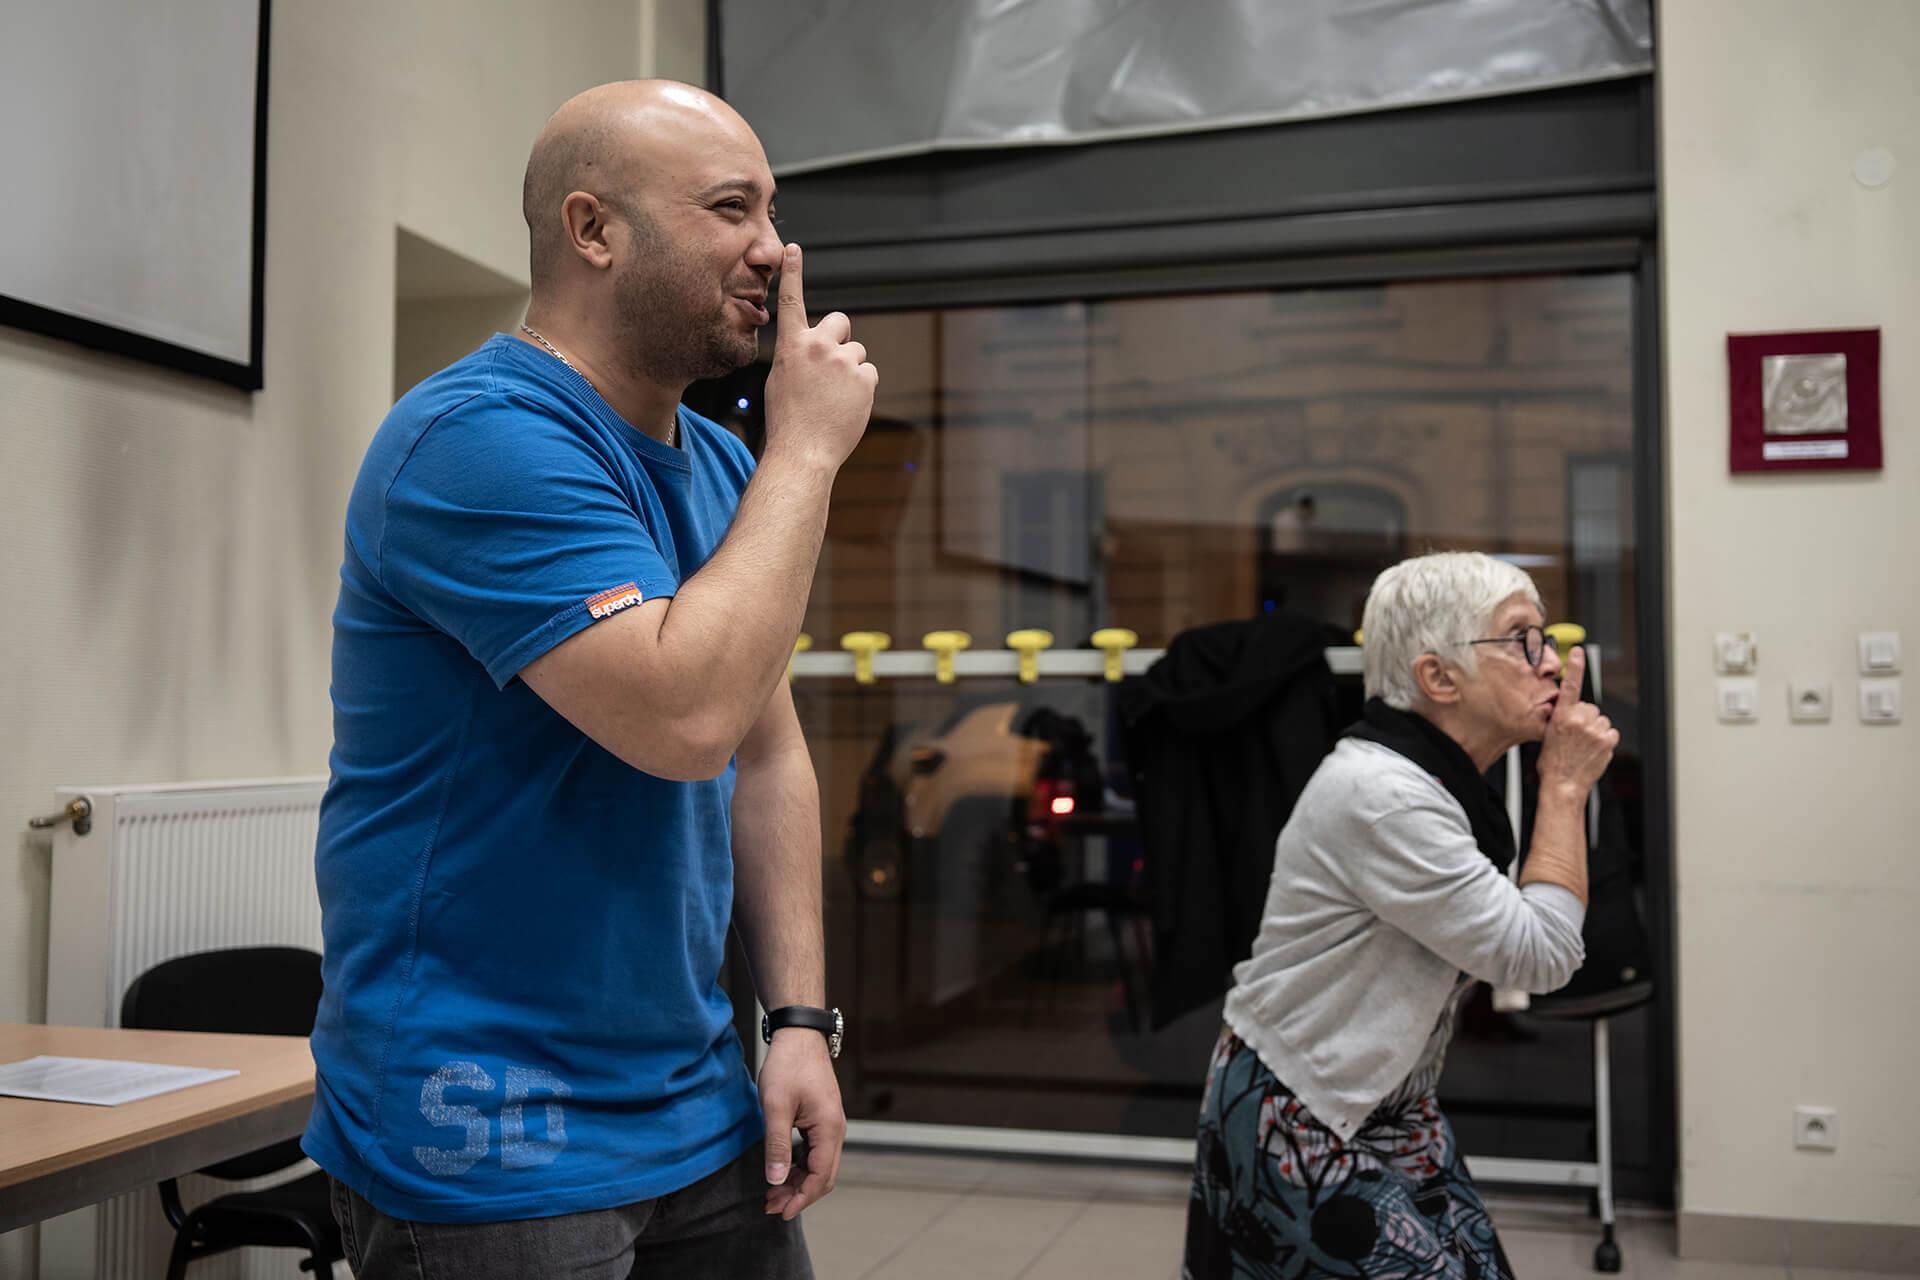 Cours de théâtre dans une des salles de l'association Valentin Haüy, à Lyon. A la demande de Jérôme (le professeur), Nabil, malvoyant, à gauche sur la photo, et Martine font le signe, doigt sur la bouche, que l'on réalise parfois pour demander le silence. Nabil sourit de l'exercice tandis que Martine affiche un peu plus de sérieux.